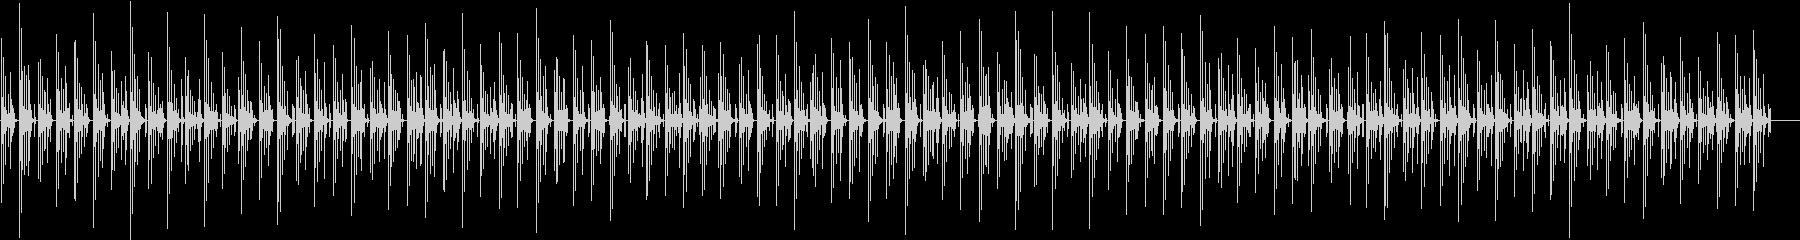 ゆったりとした雰囲気の曲の未再生の波形